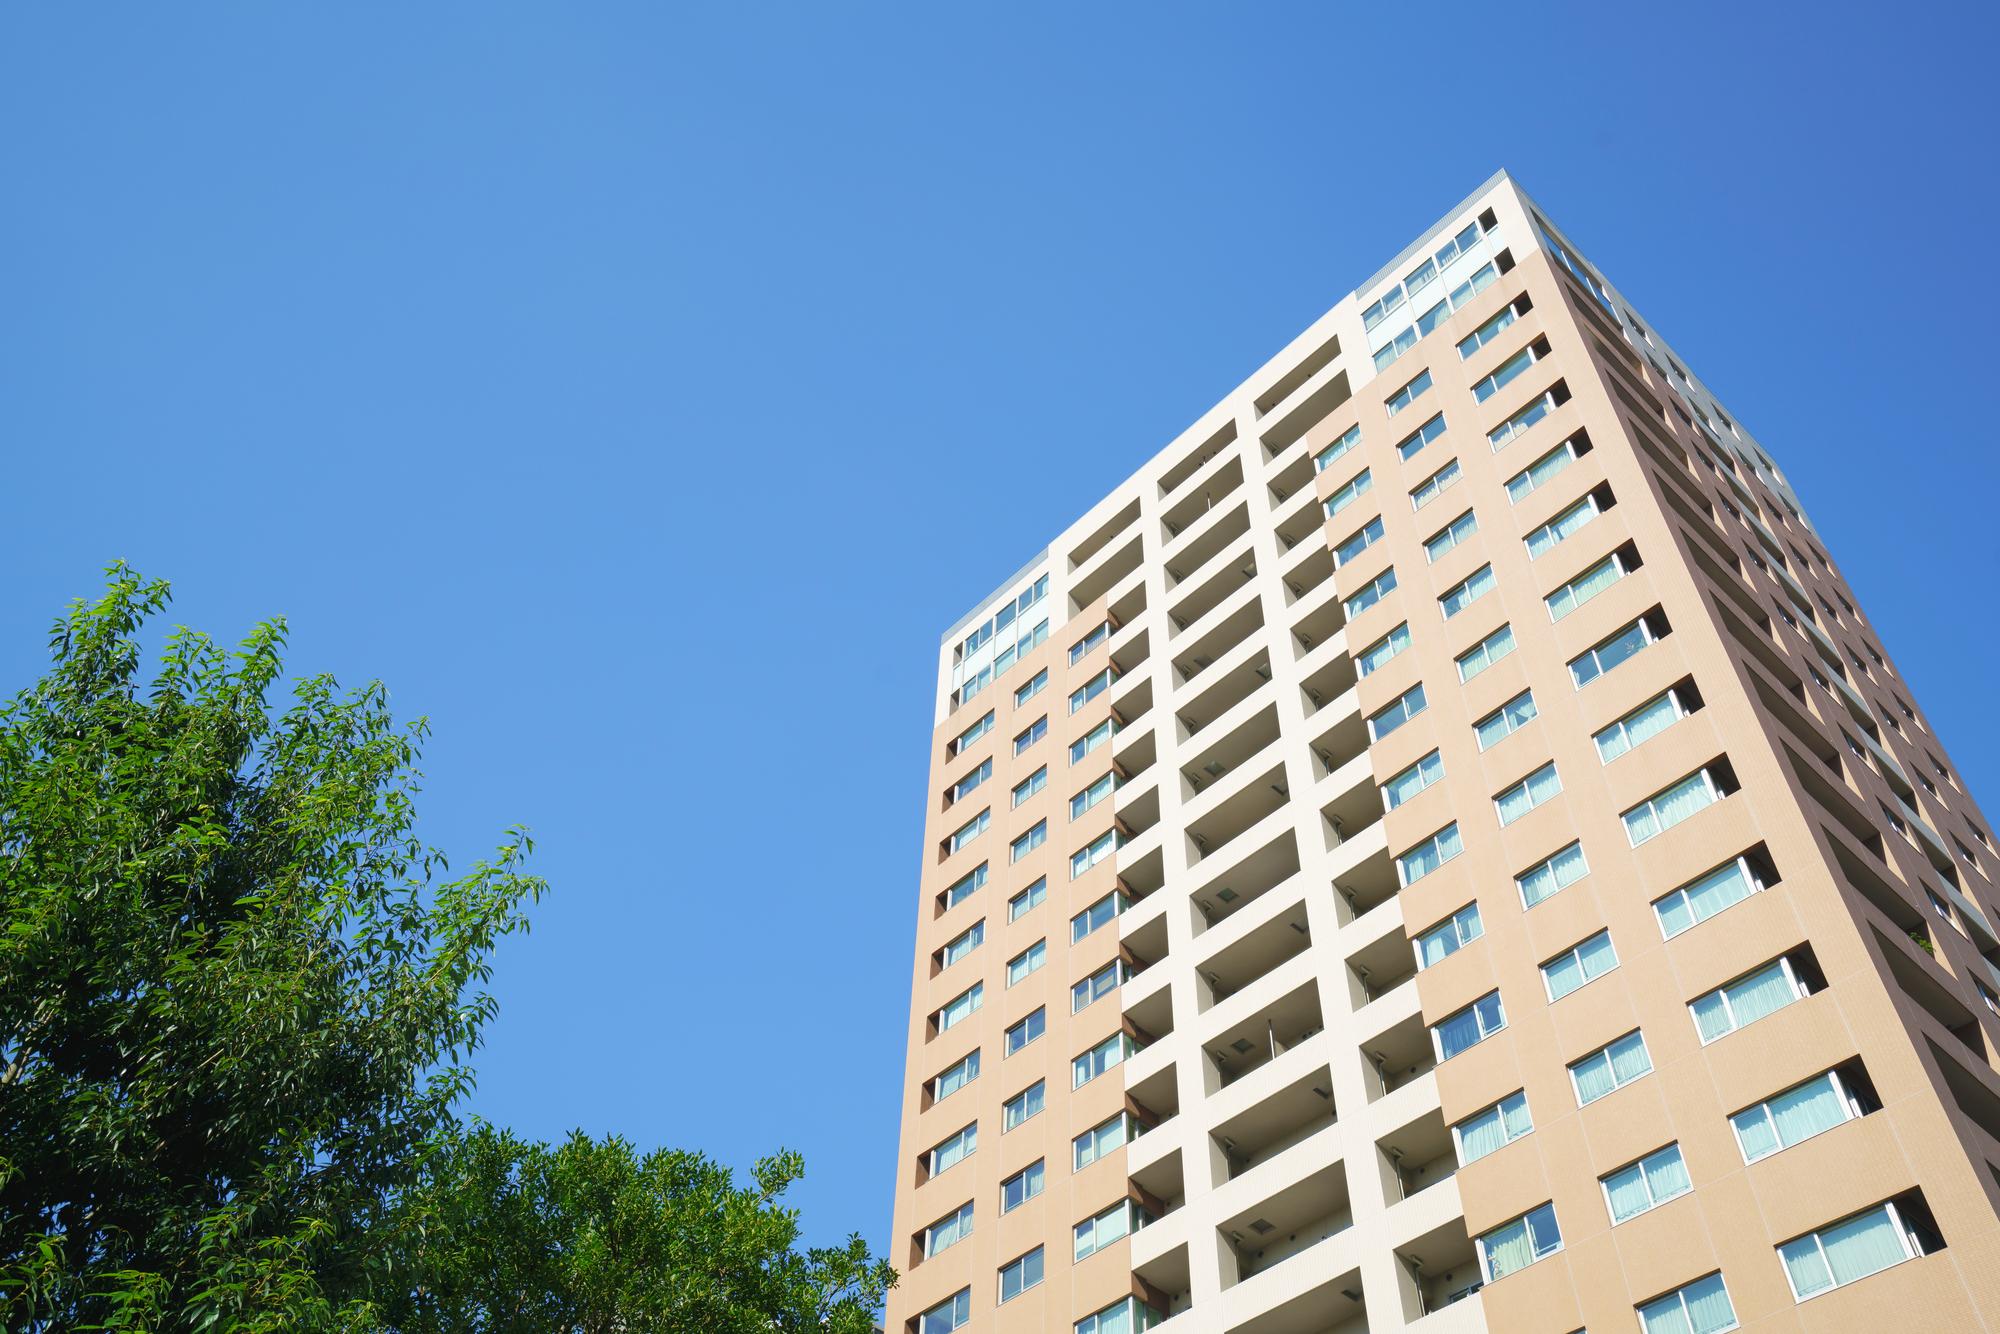 マンションの入居率/空室率の調べ方【不動産投資初心者は必見】